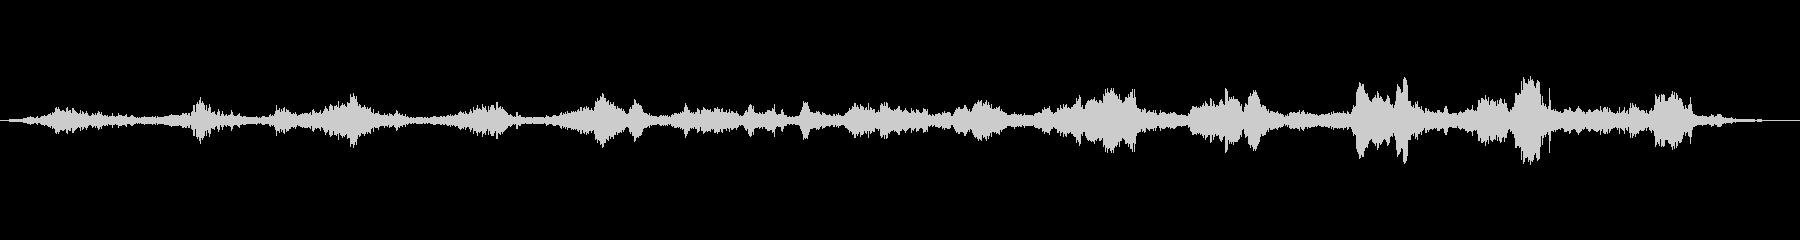 メタルボウ5.1 Atmos 2-5.1の未再生の波形